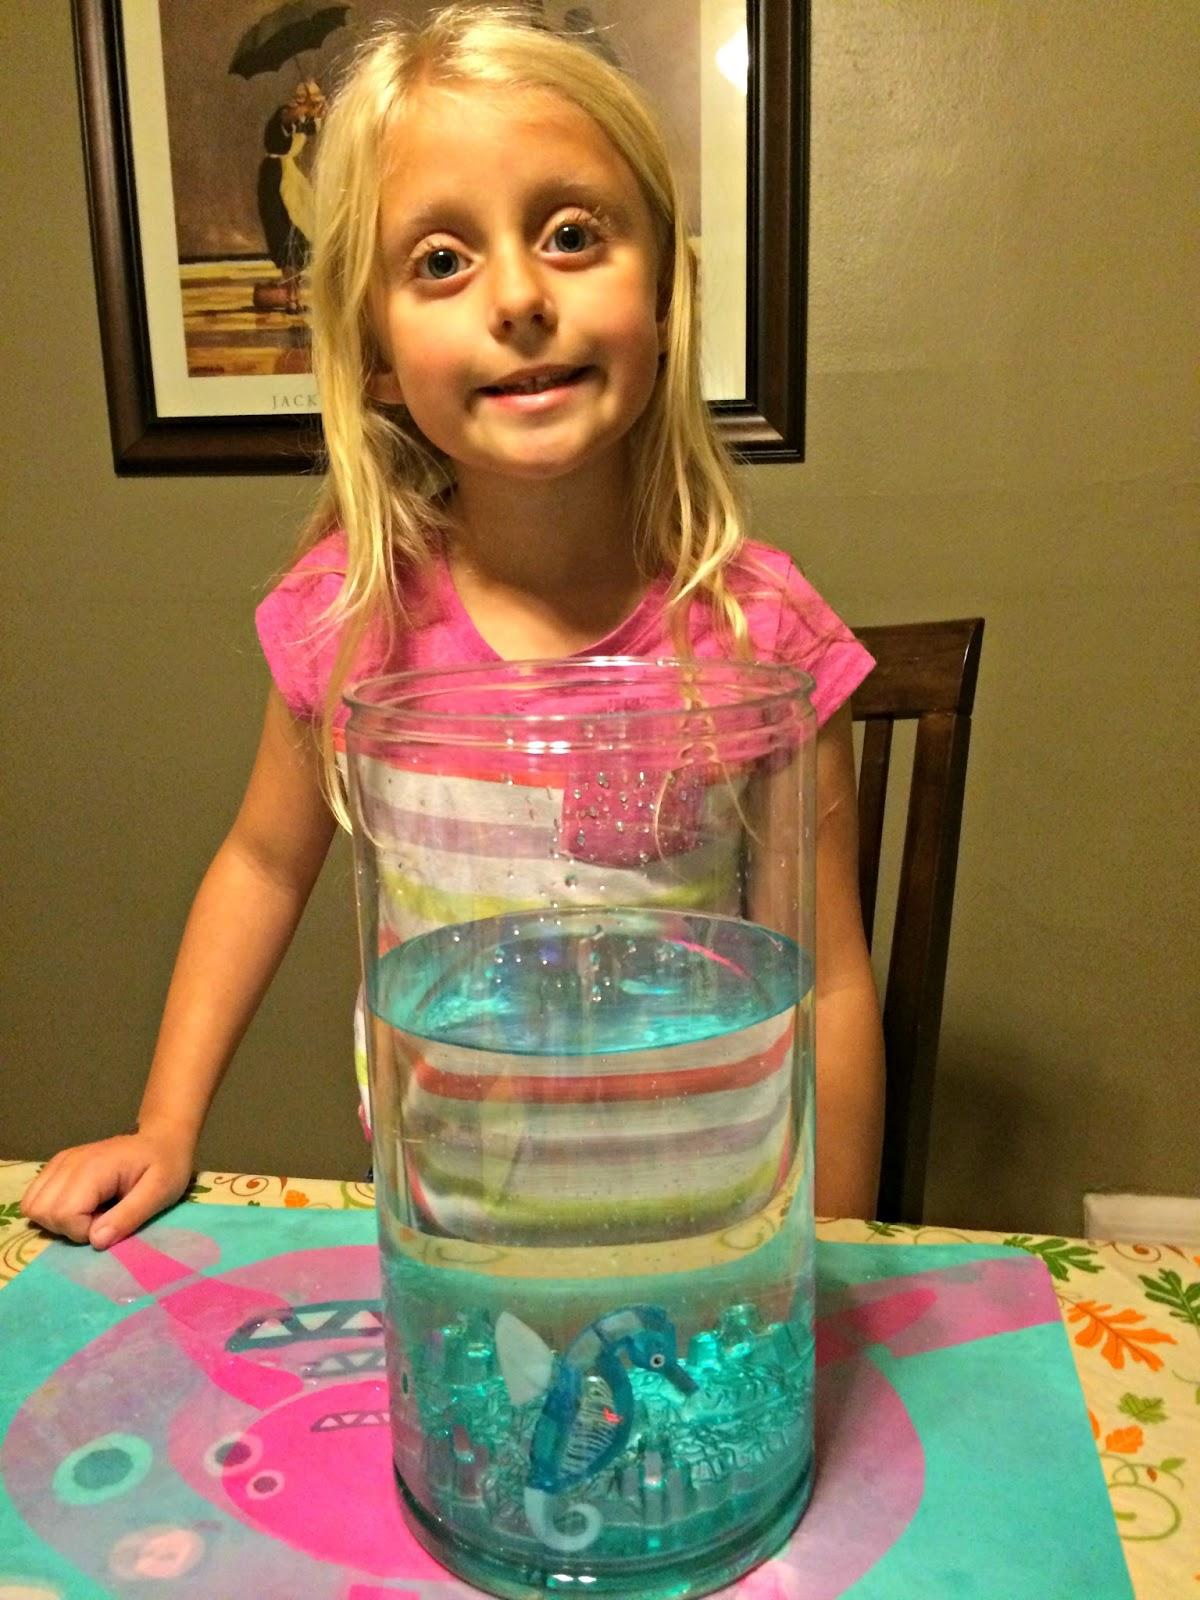 hexbug aquabot jellyfish instructions